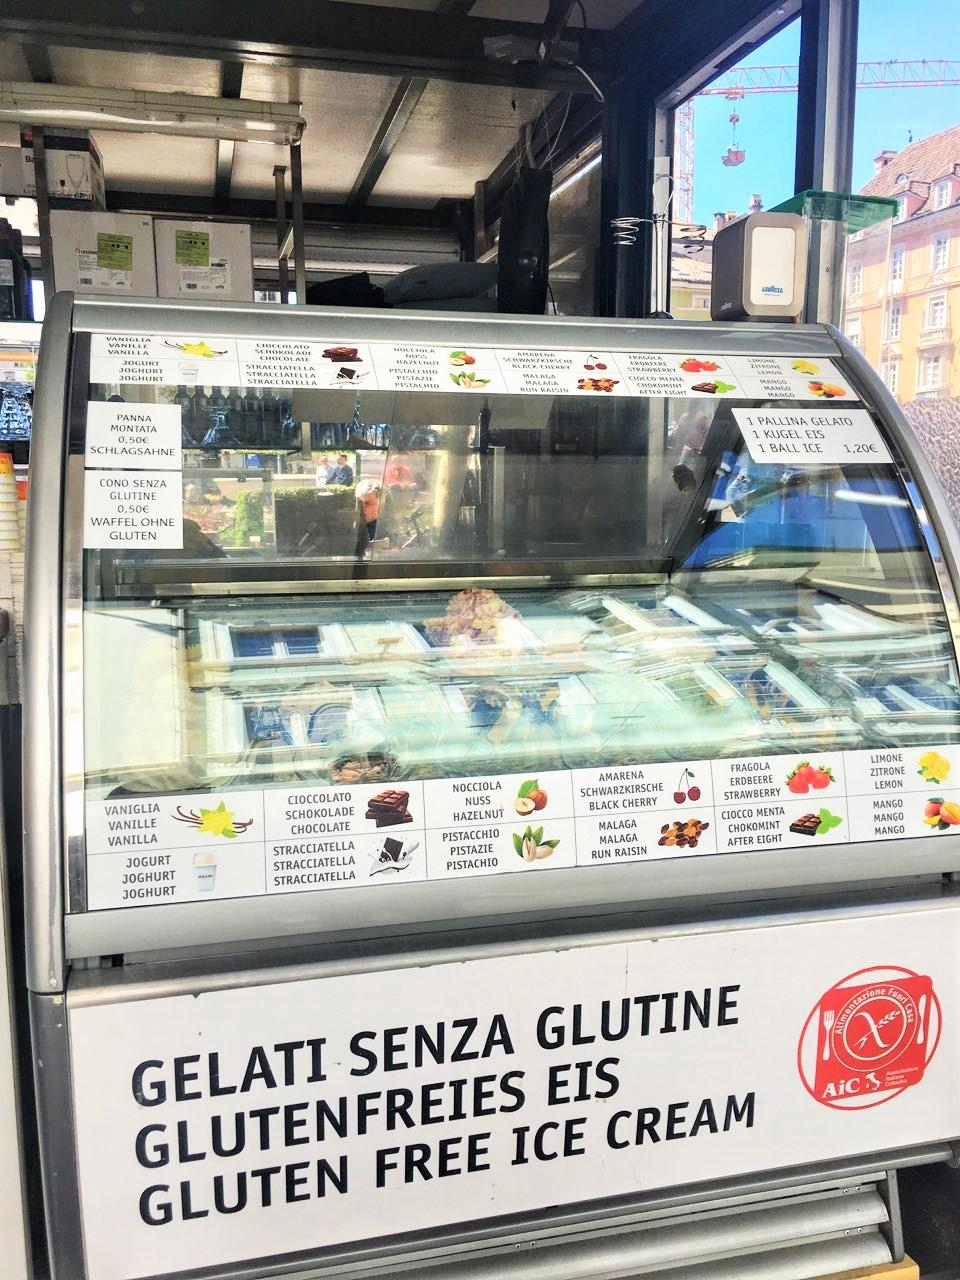 Glutenfreies Eis in Bozen